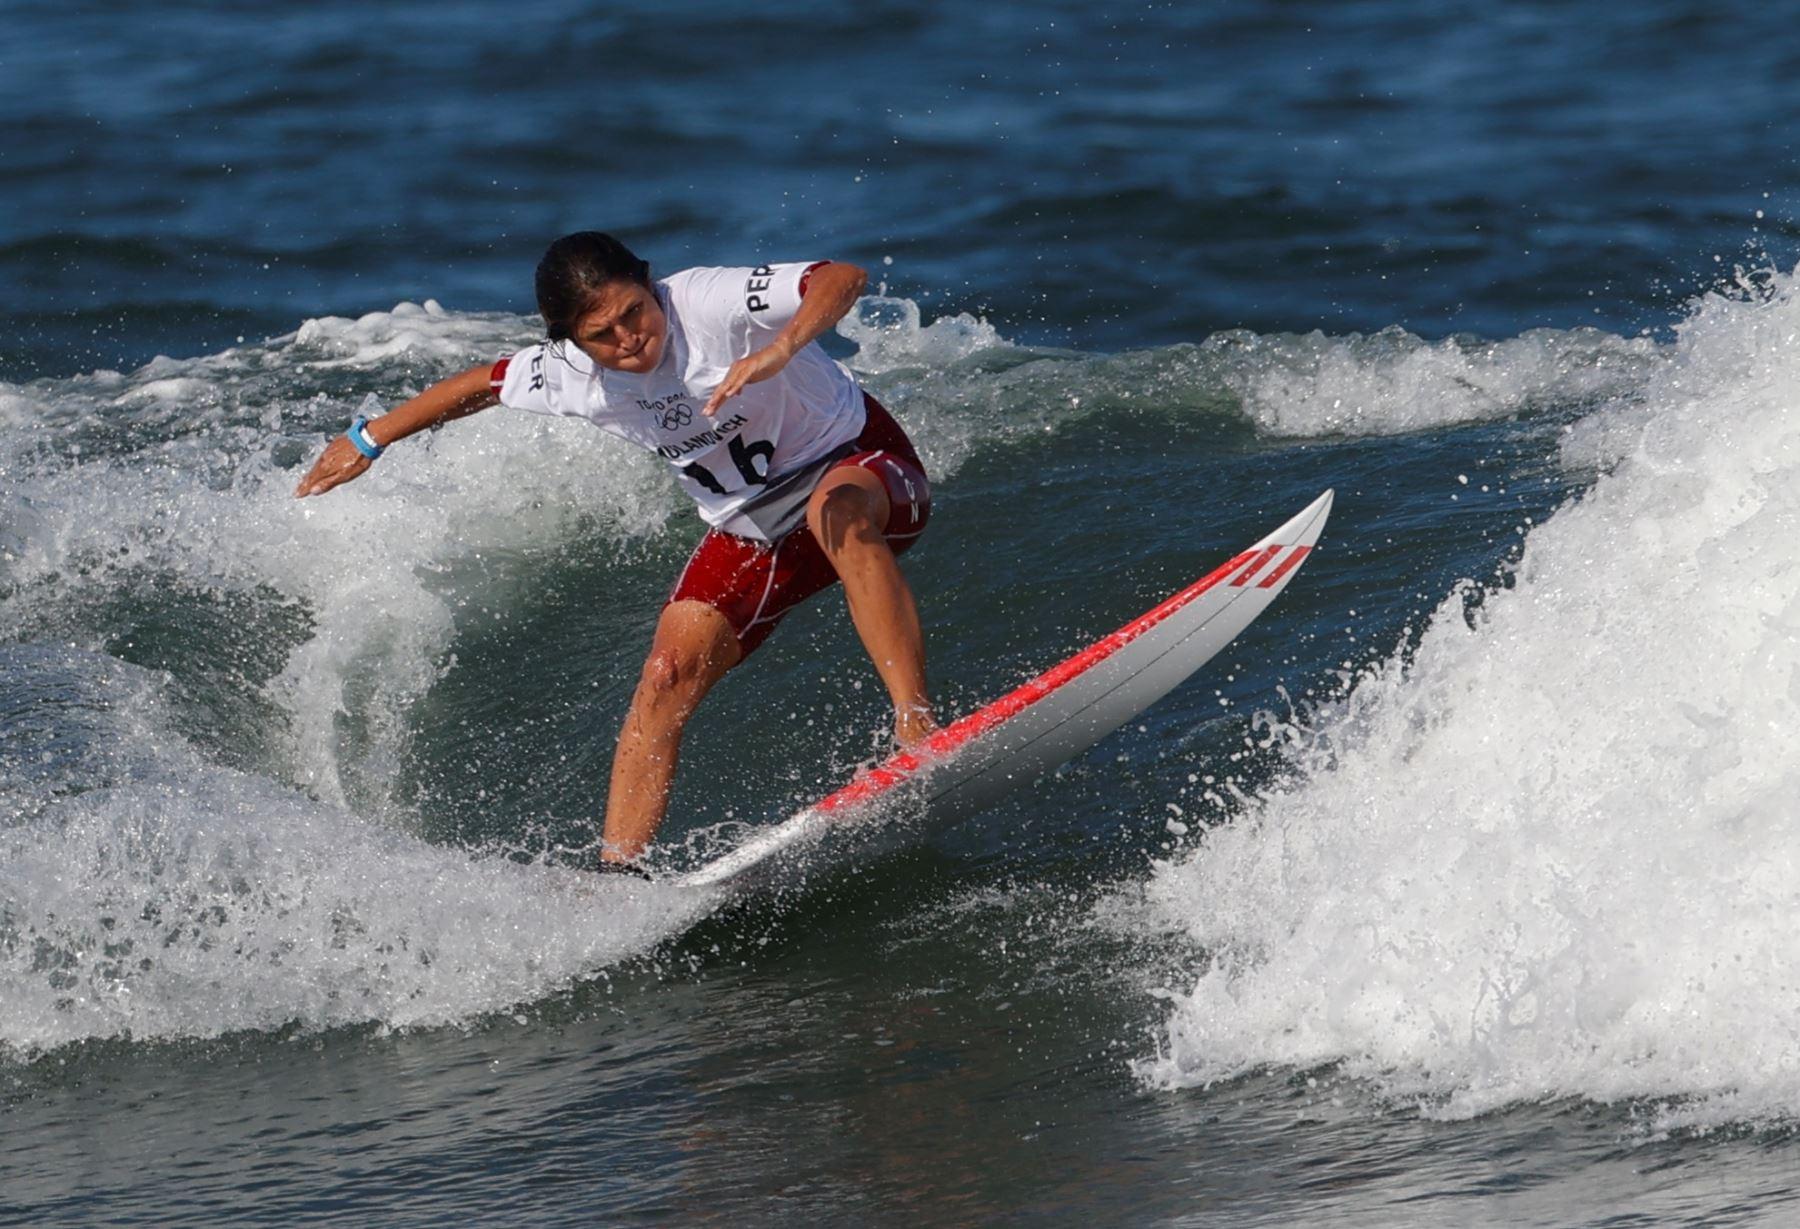 Sofía Mulánovich avanzó a la siguiente fase en los juegos Olímpicos Tokio 2020